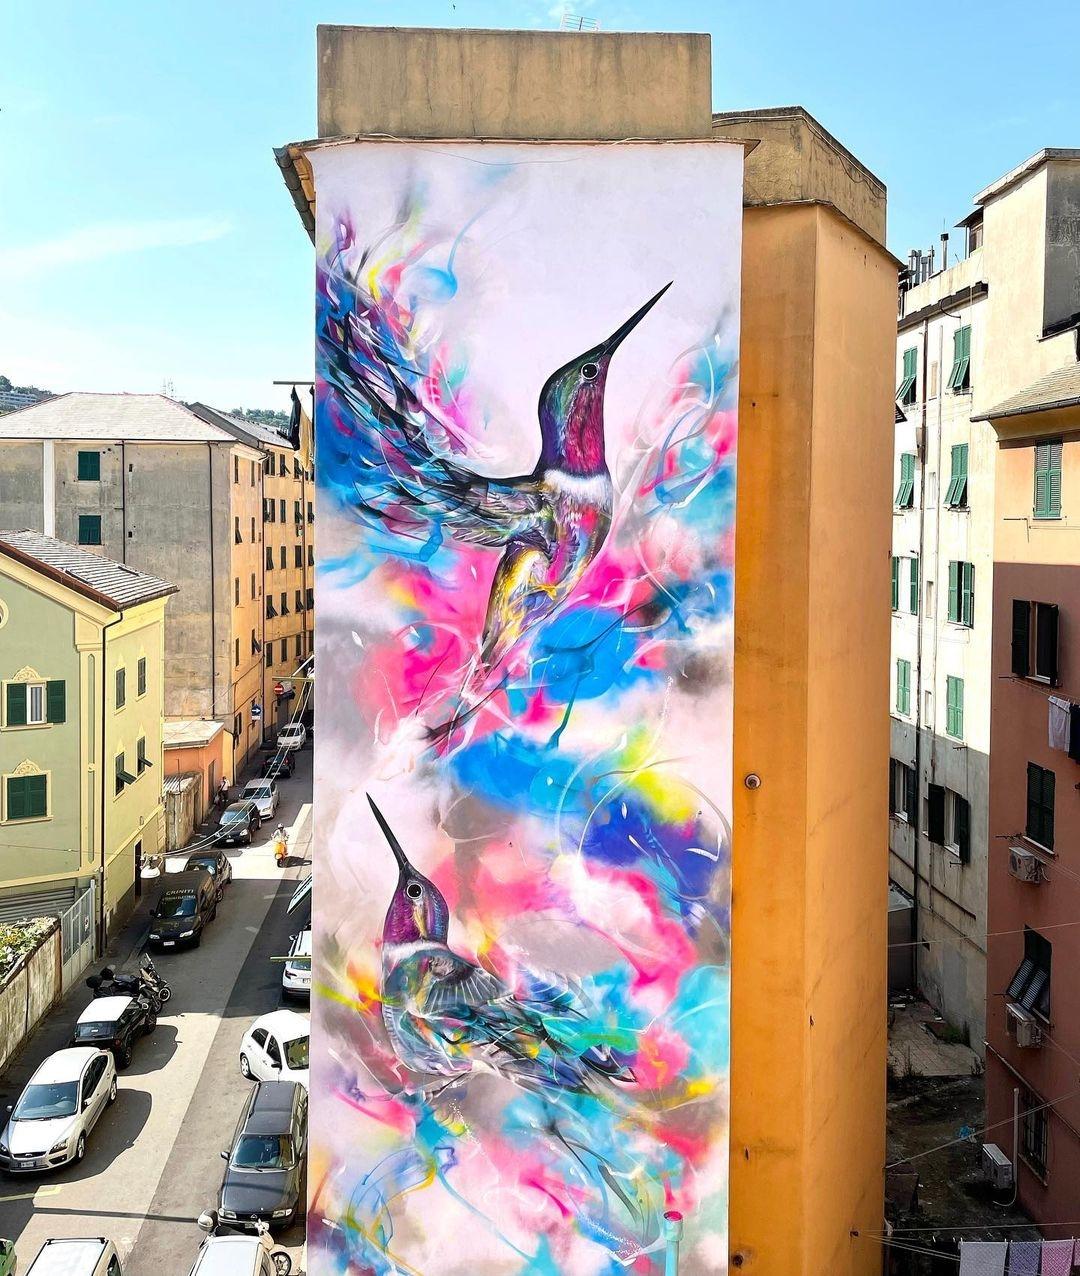 L7matrix @ Genoa, Italy